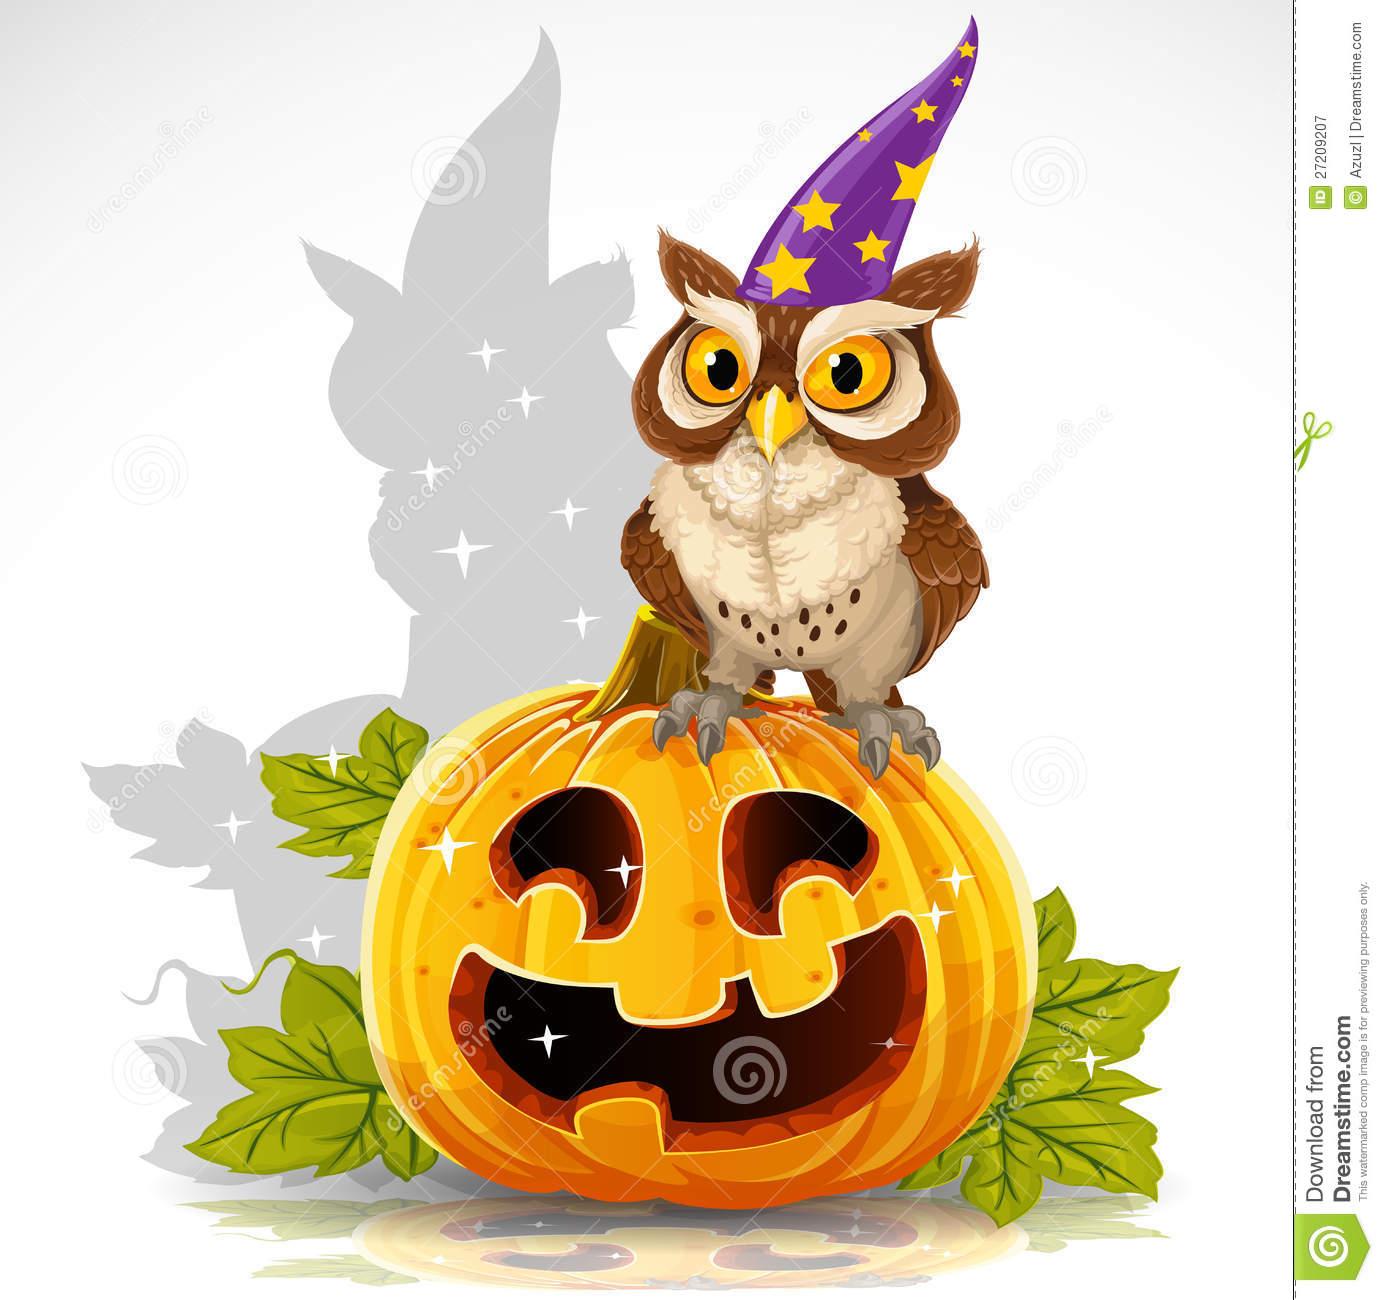 Wise Owl Sit On A Pumpkin.